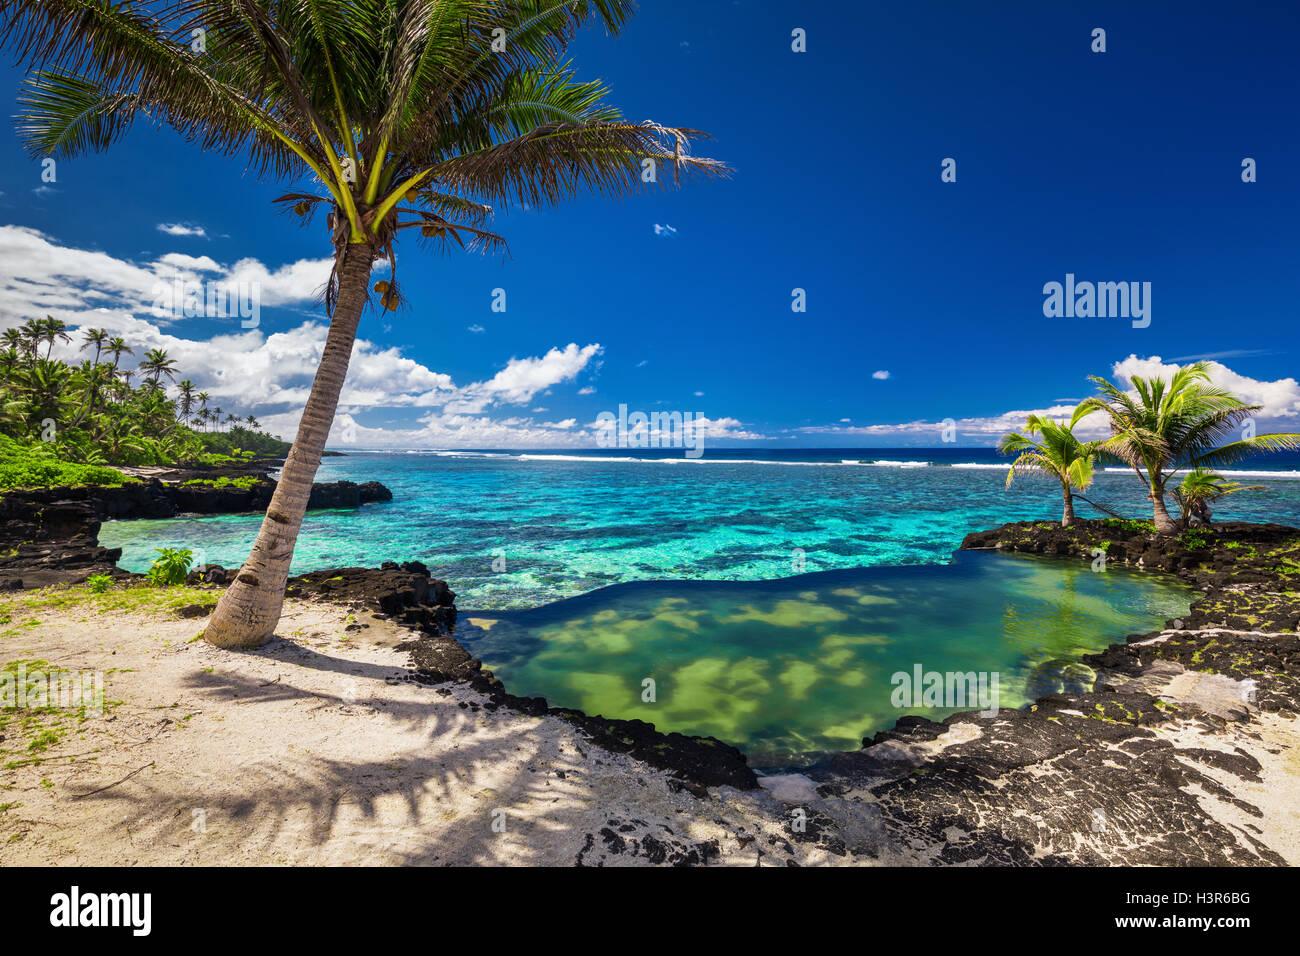 Naturale di Roccia infinity pool con palme oltre oceano tropicale laguna Immagini Stock